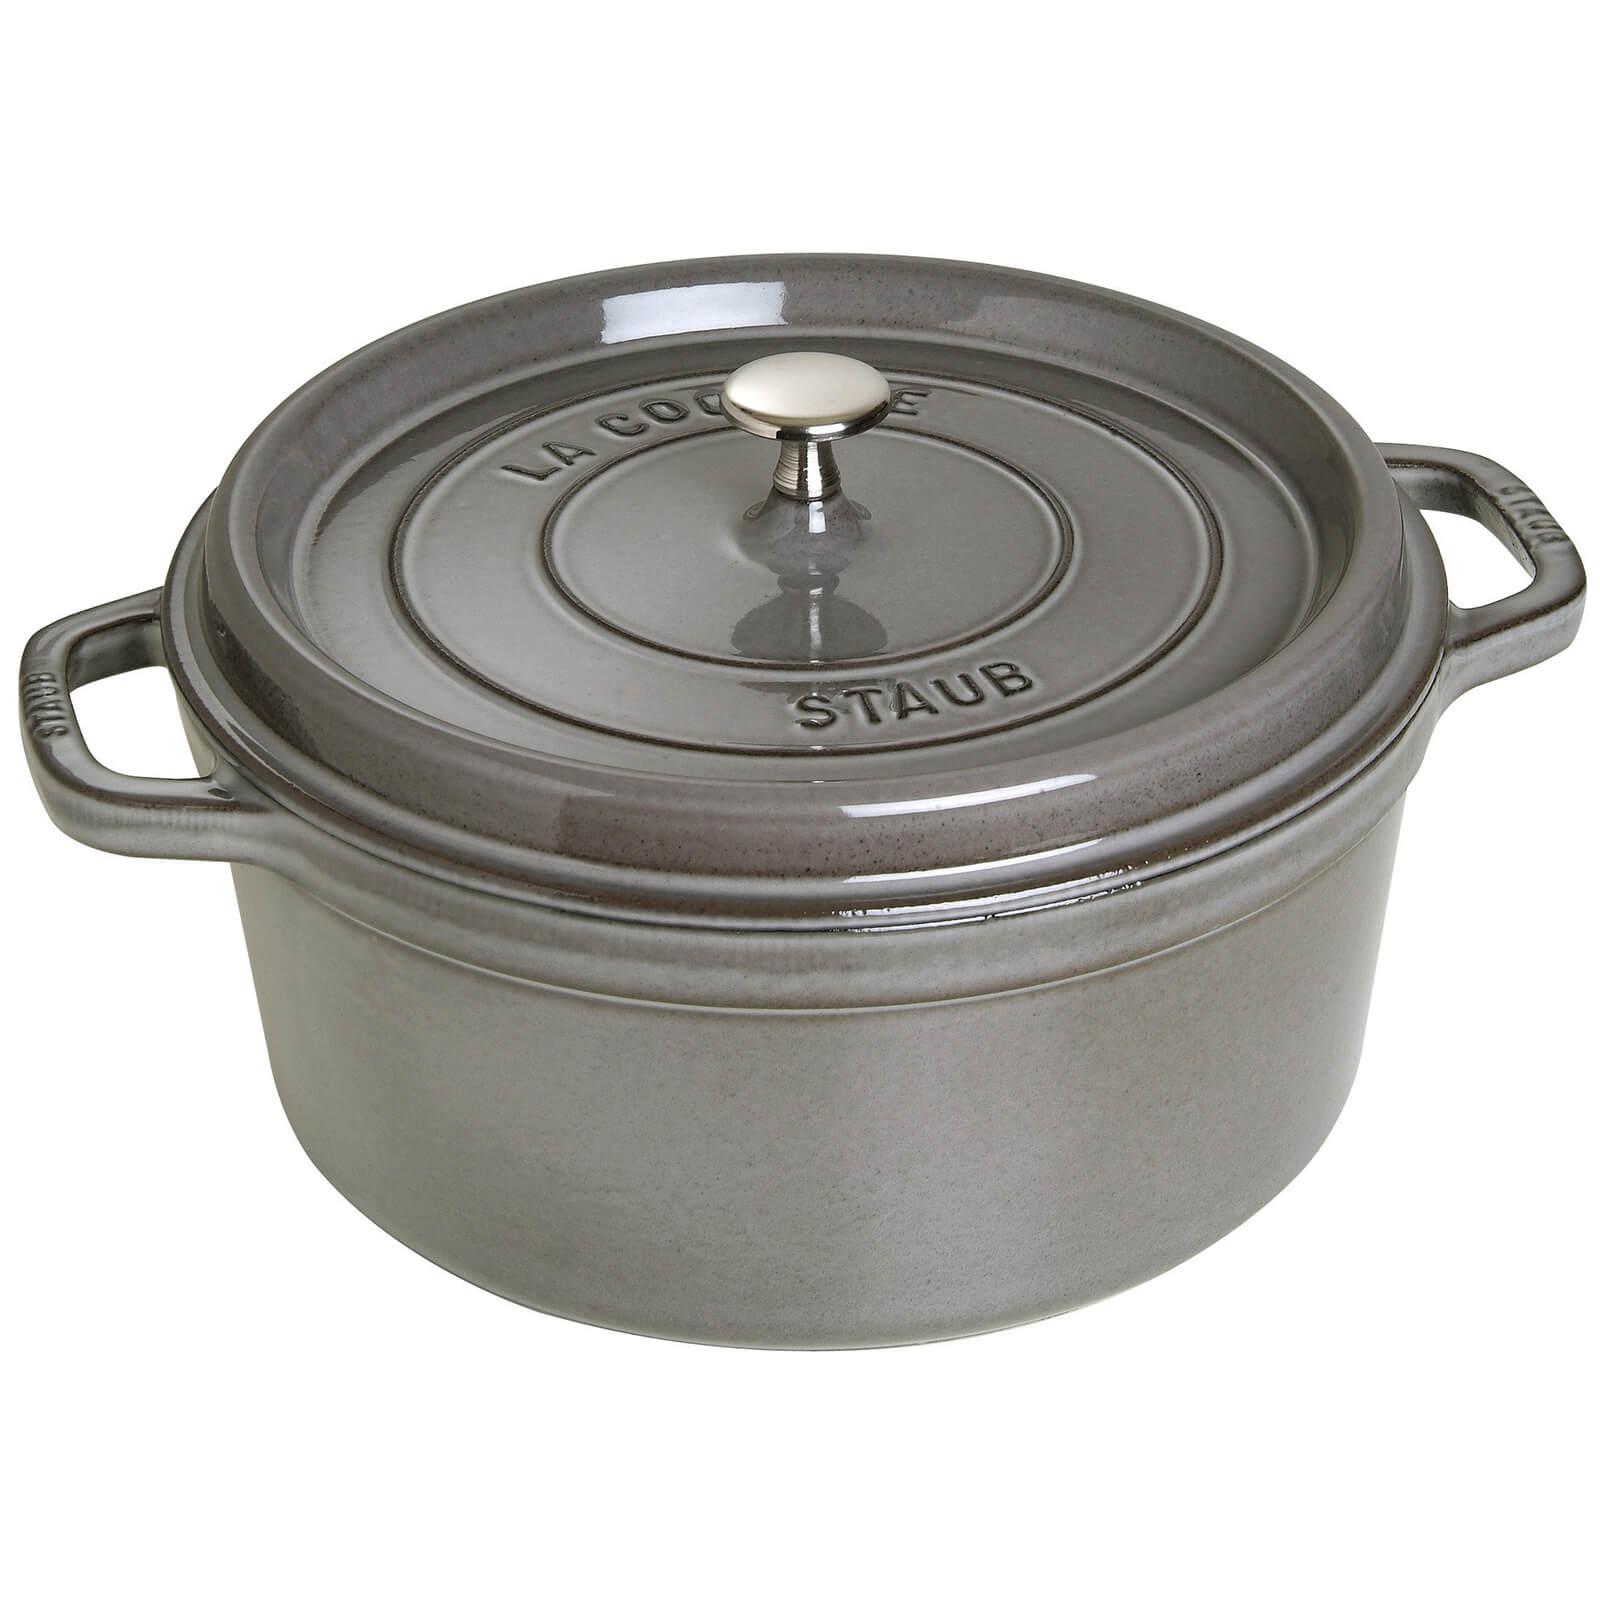 Staub Round Cocotte - Graphite Grey - 28cm